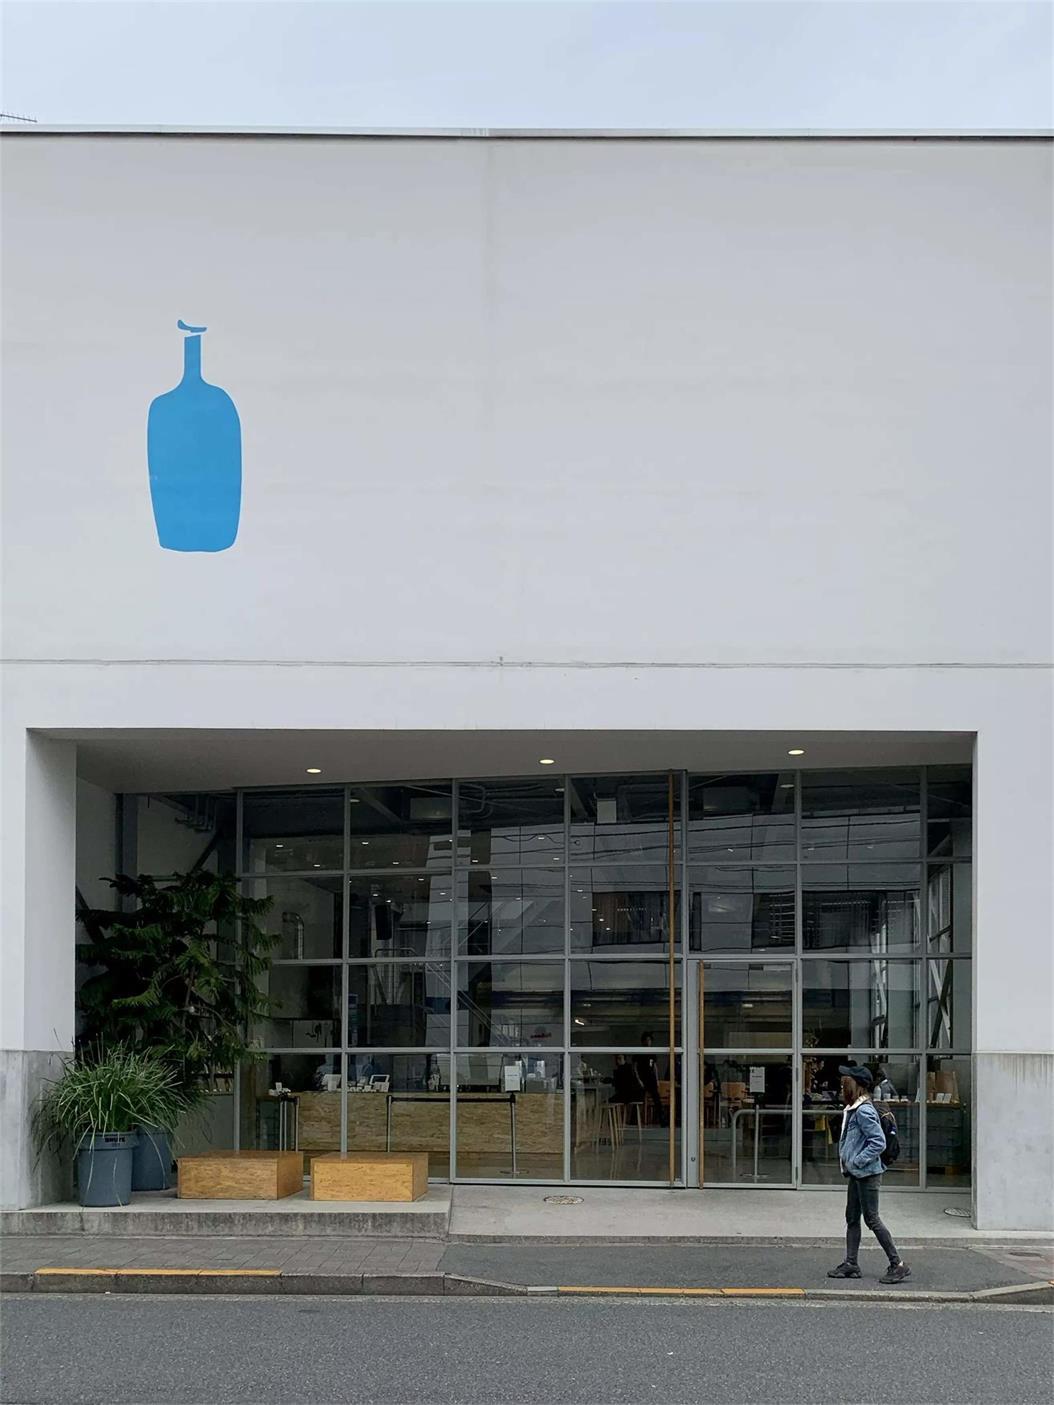 蓝瓶咖啡外立面设计